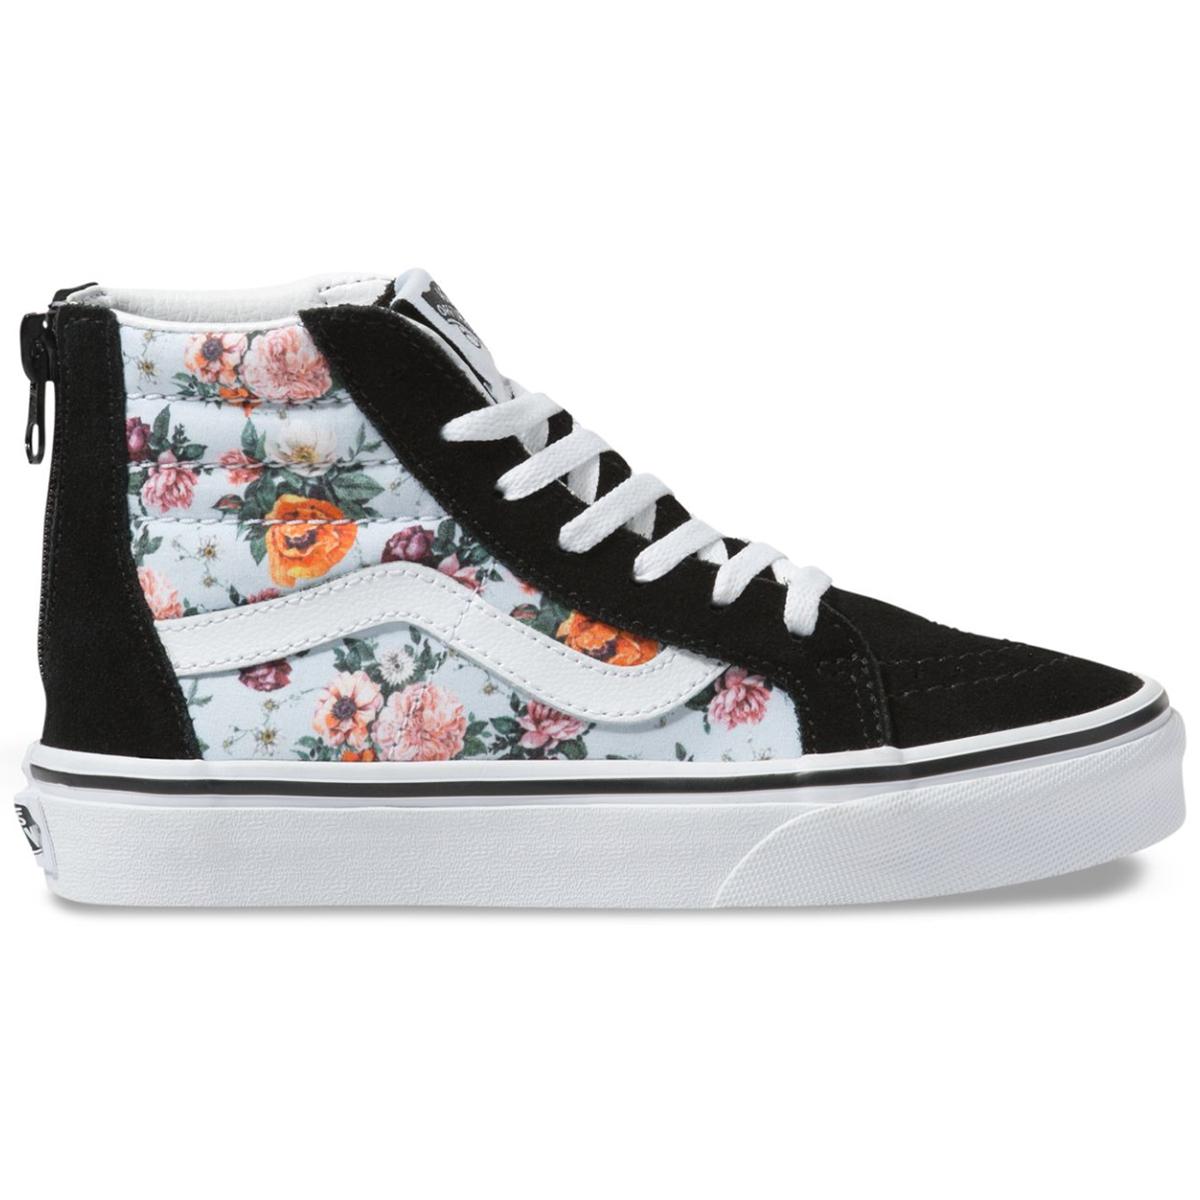 Shop \u003e girl high top vans shoes- Off 69